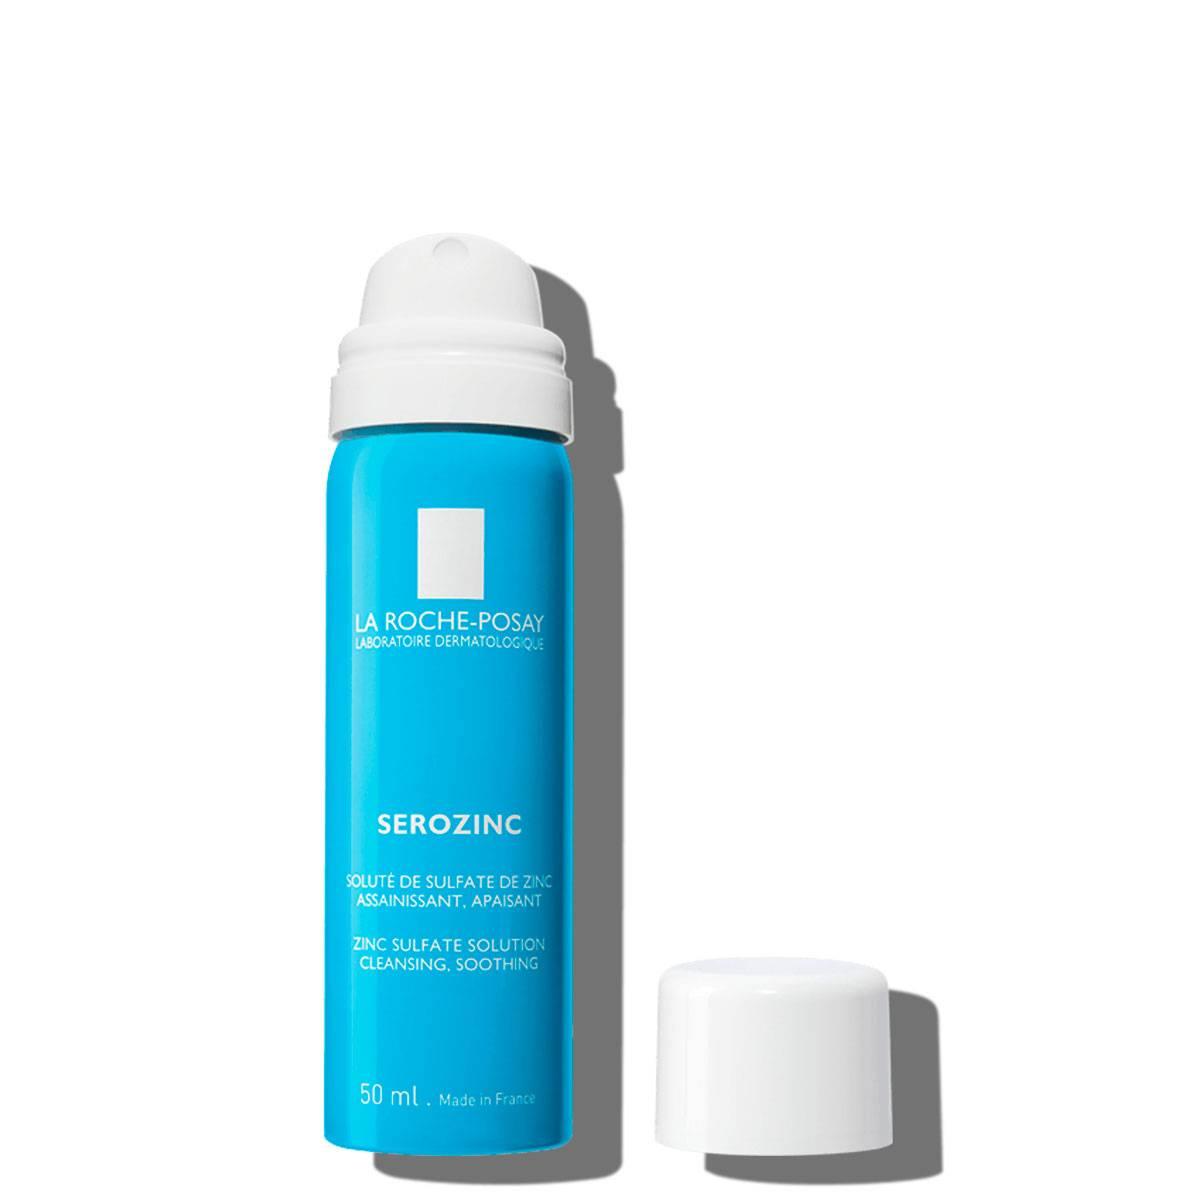 La Roche Posay Termékoldal Serozinc Spray Cink 50ml 3337875522601 Nyitott